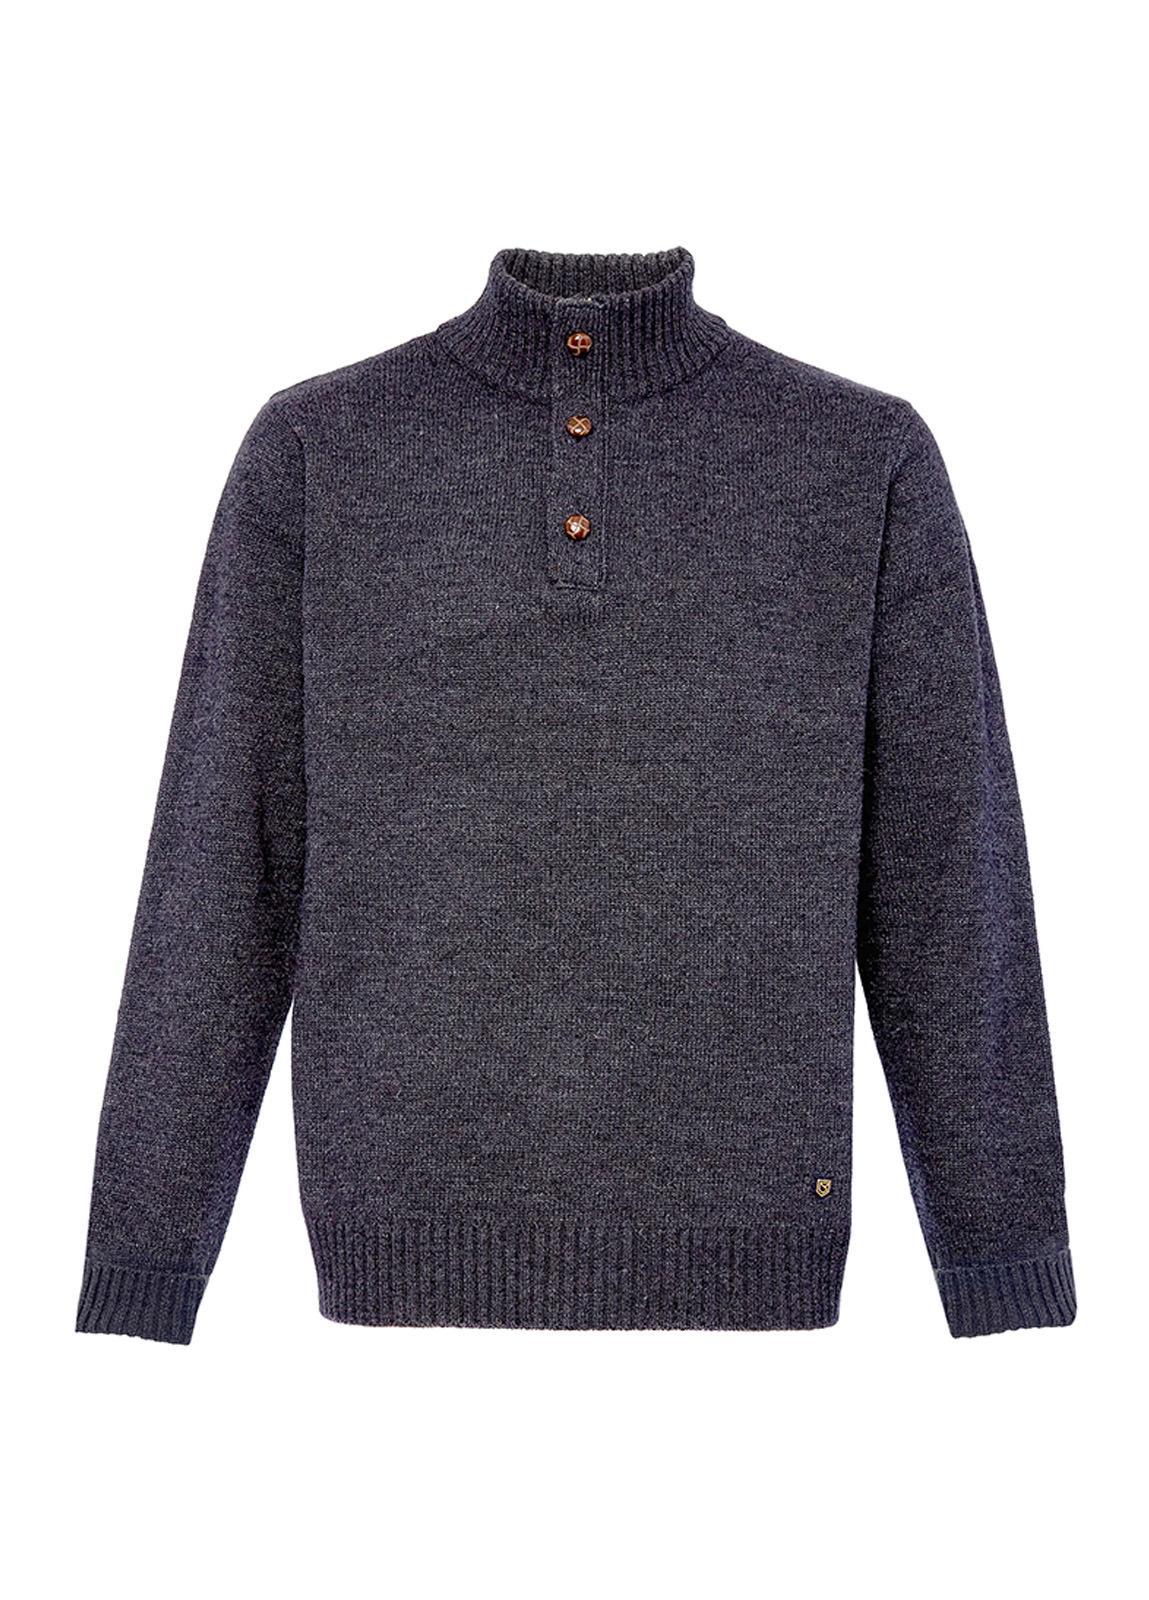 Dubarry_ Mallon Sweater - Graphite_Image_2